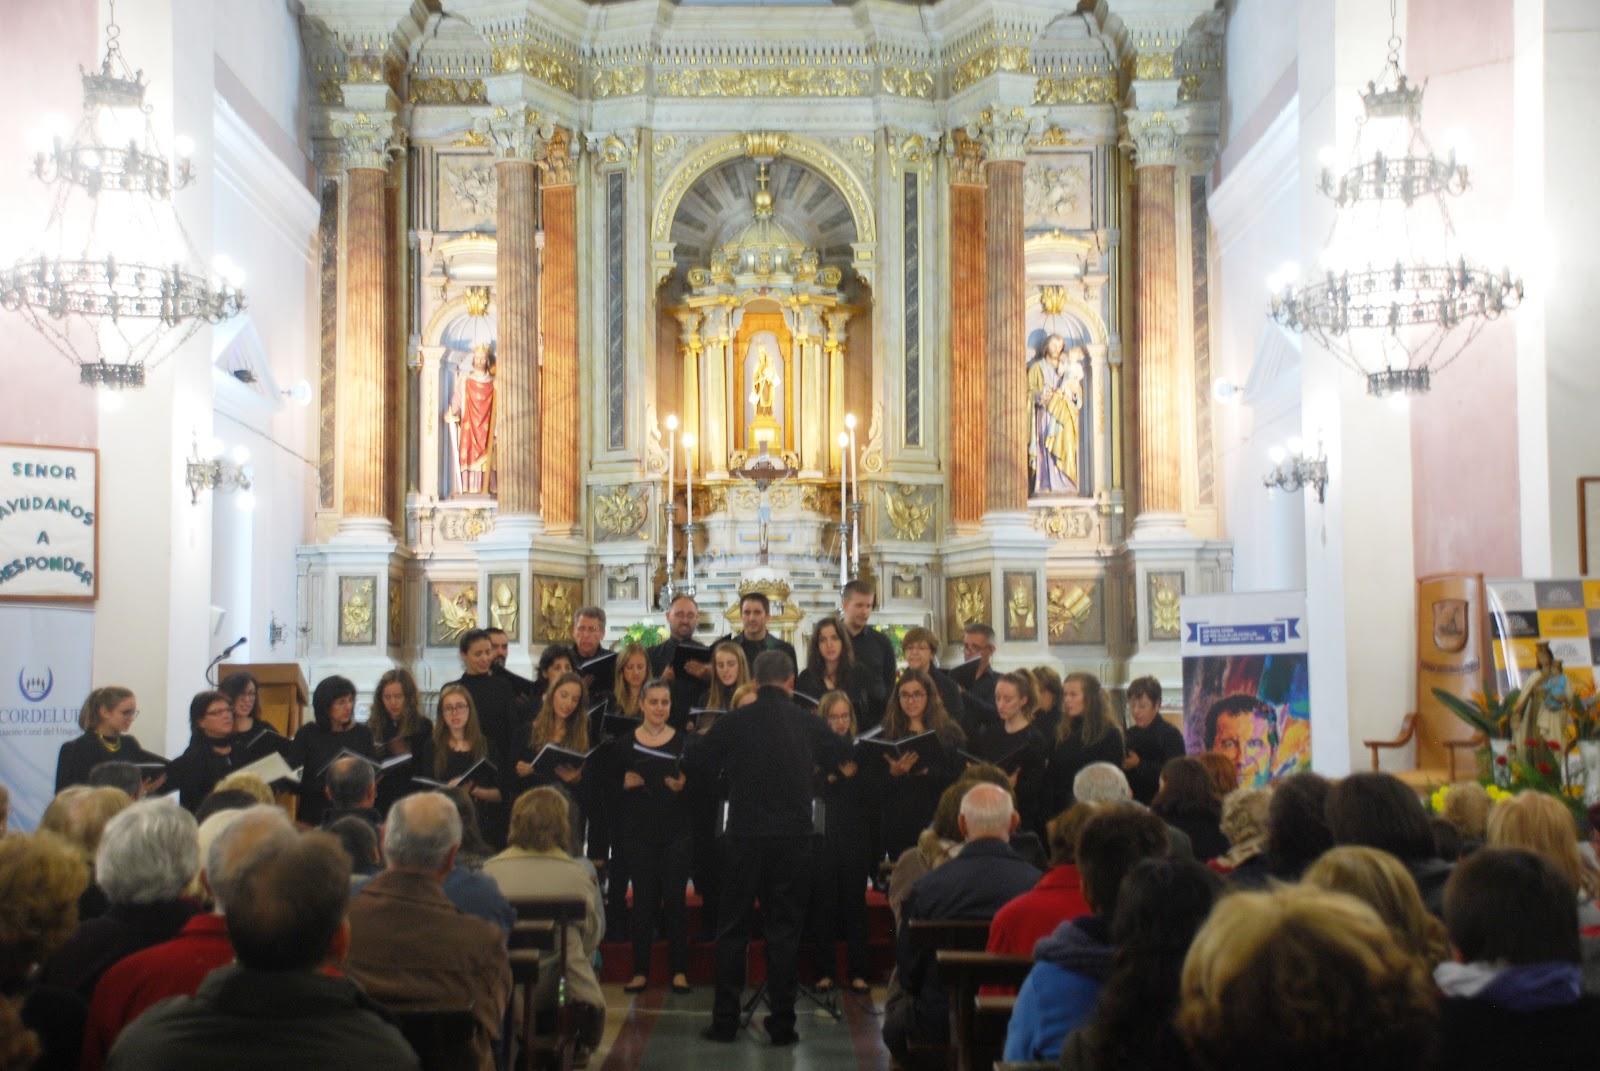 18-07-2015_CatedralMaldonado_Uruguay.JPG